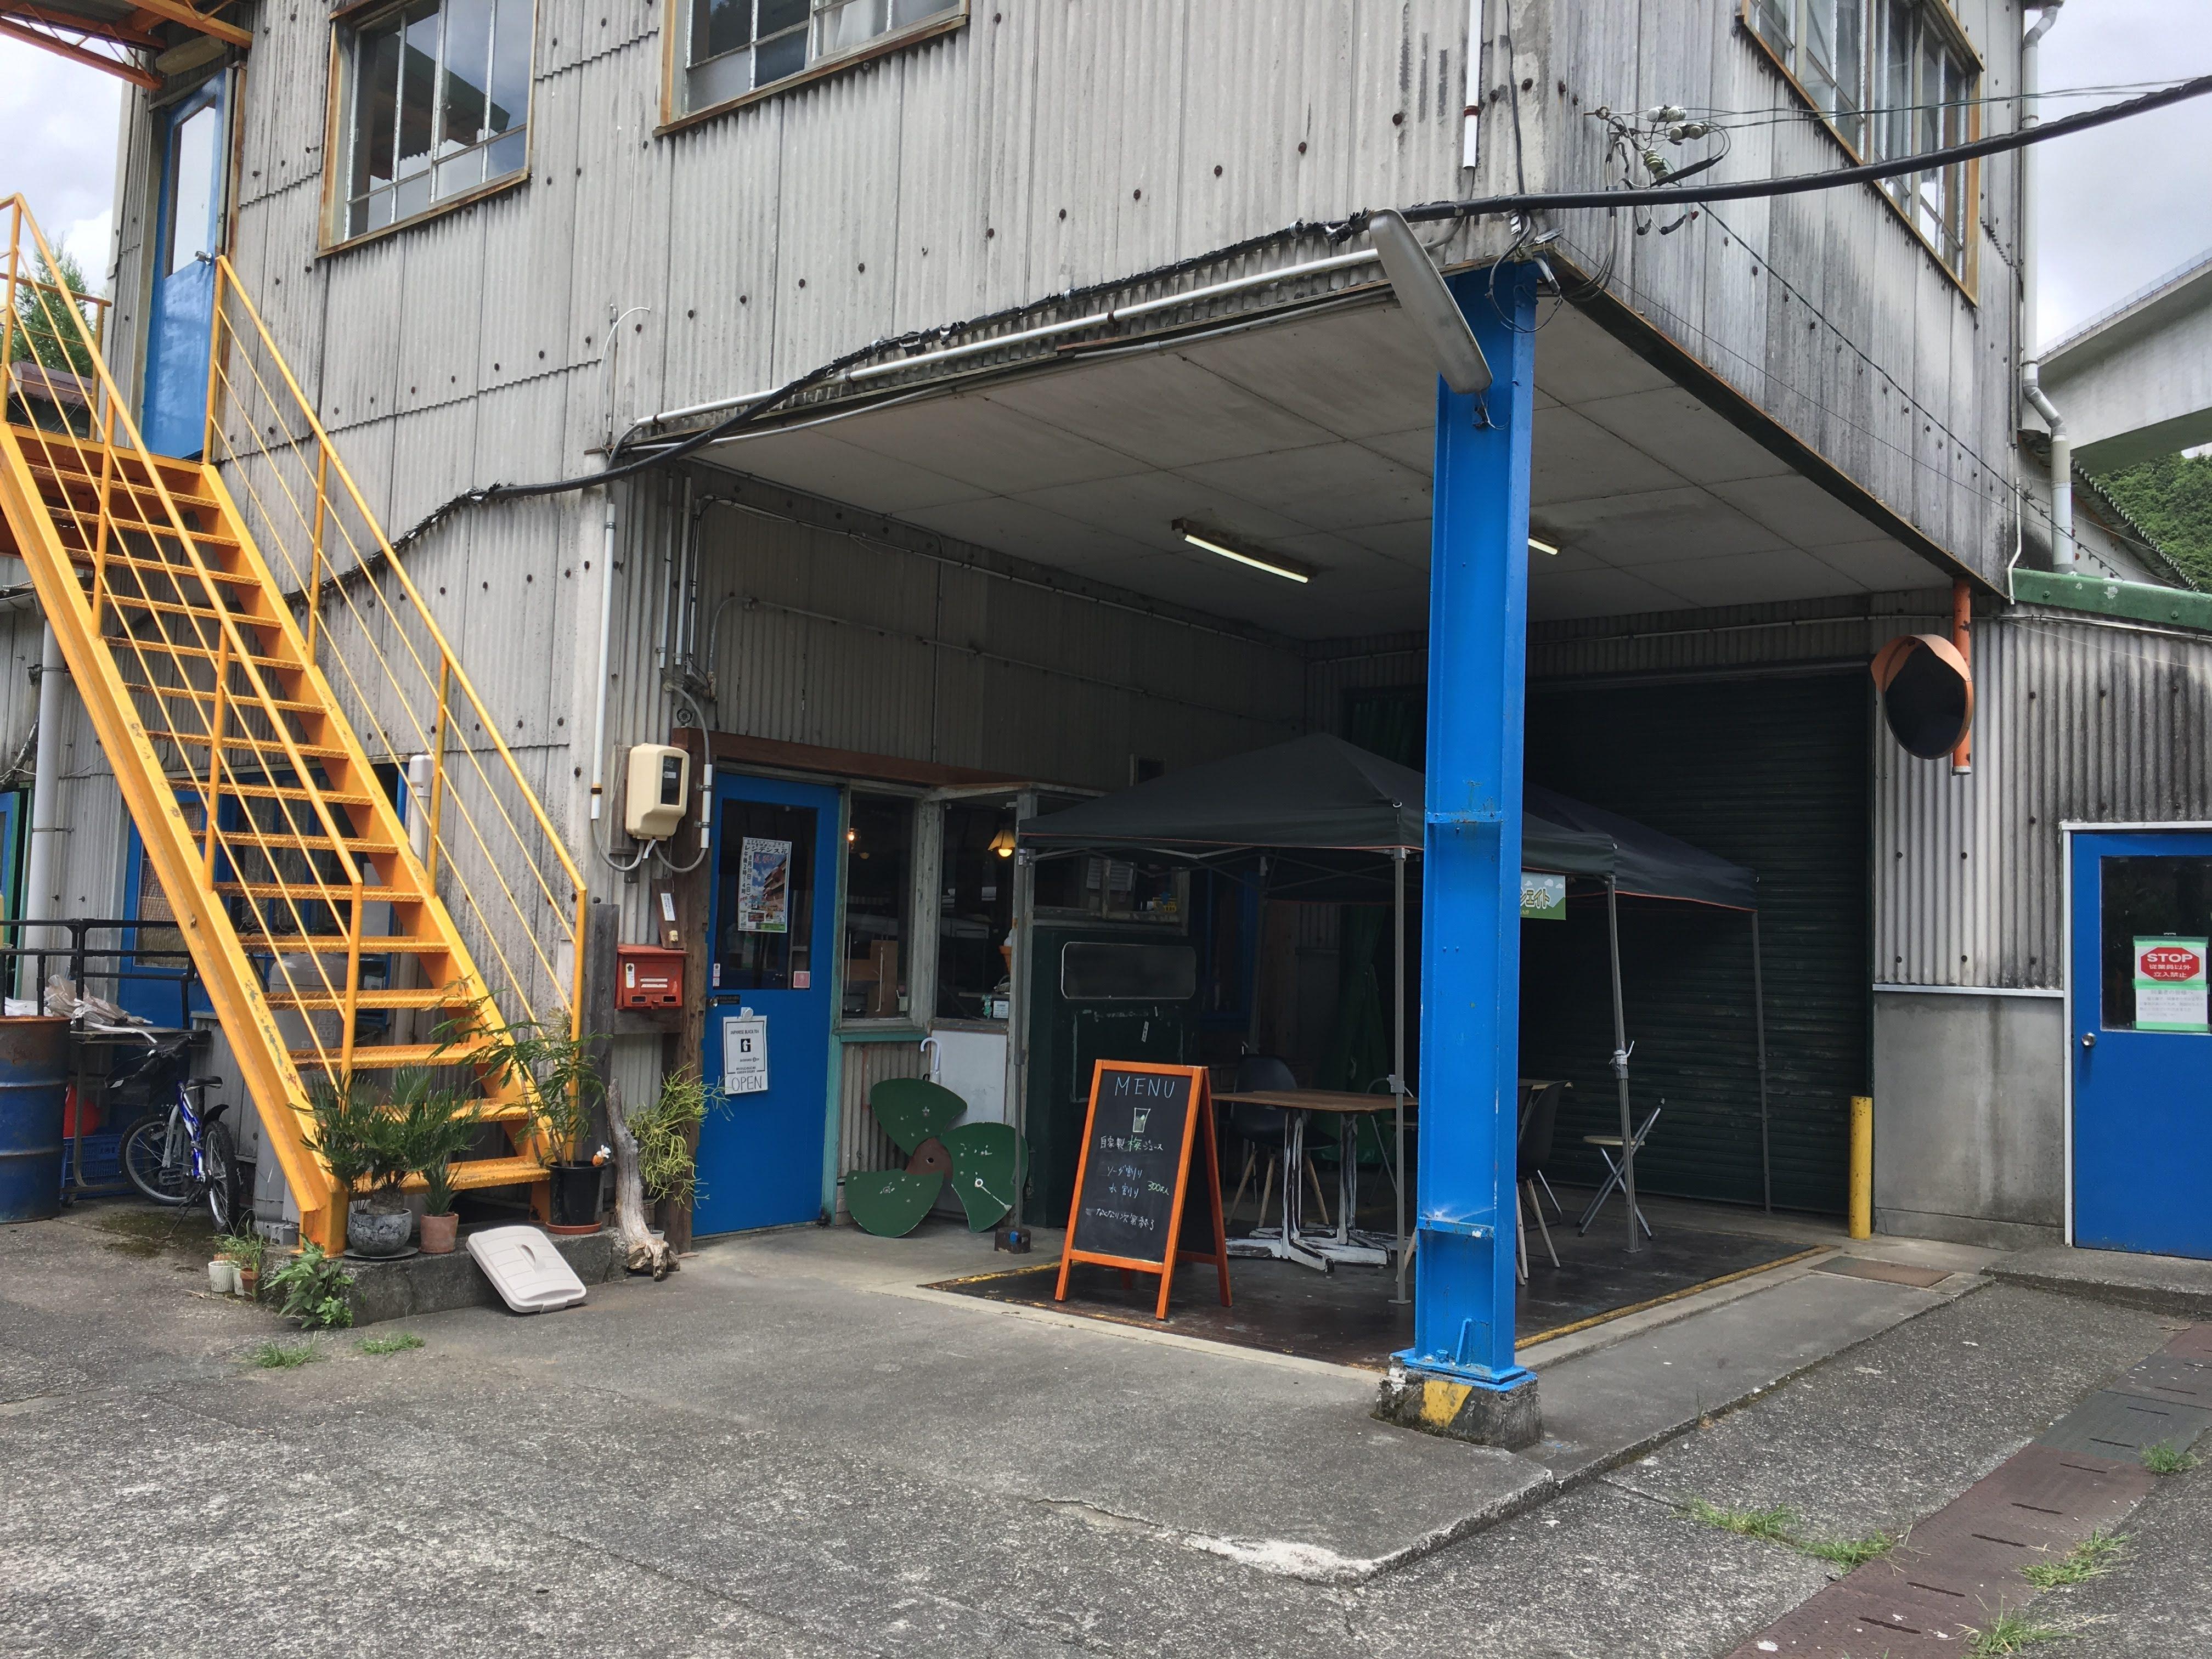 コンクリートの建物に青い柱と黄色い階段がある